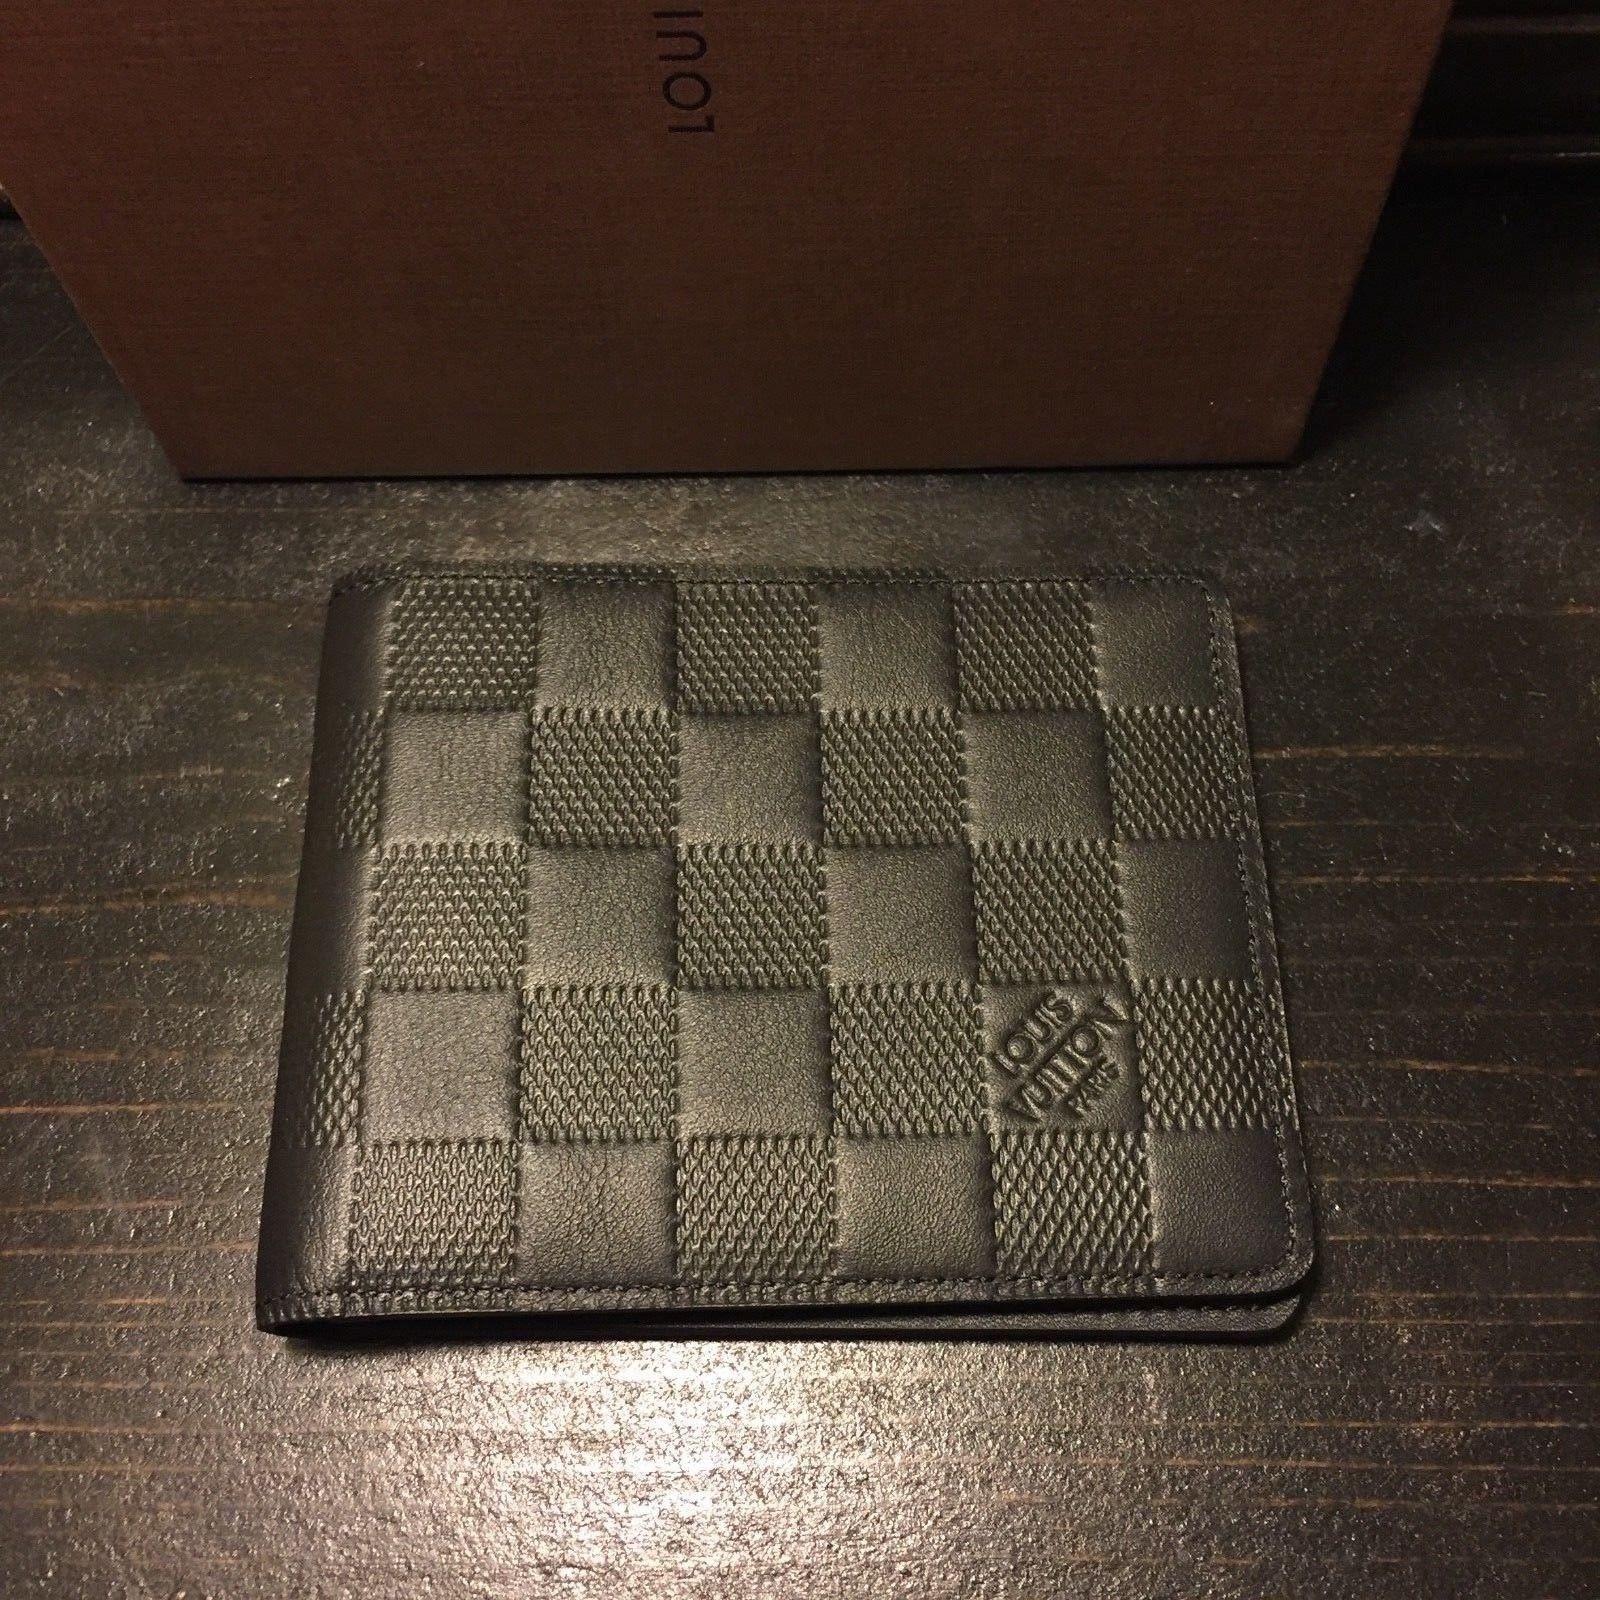 bf8c3980a18 100% Authentic Louis Vuitton Slender Wallet for Men Black Damier ...